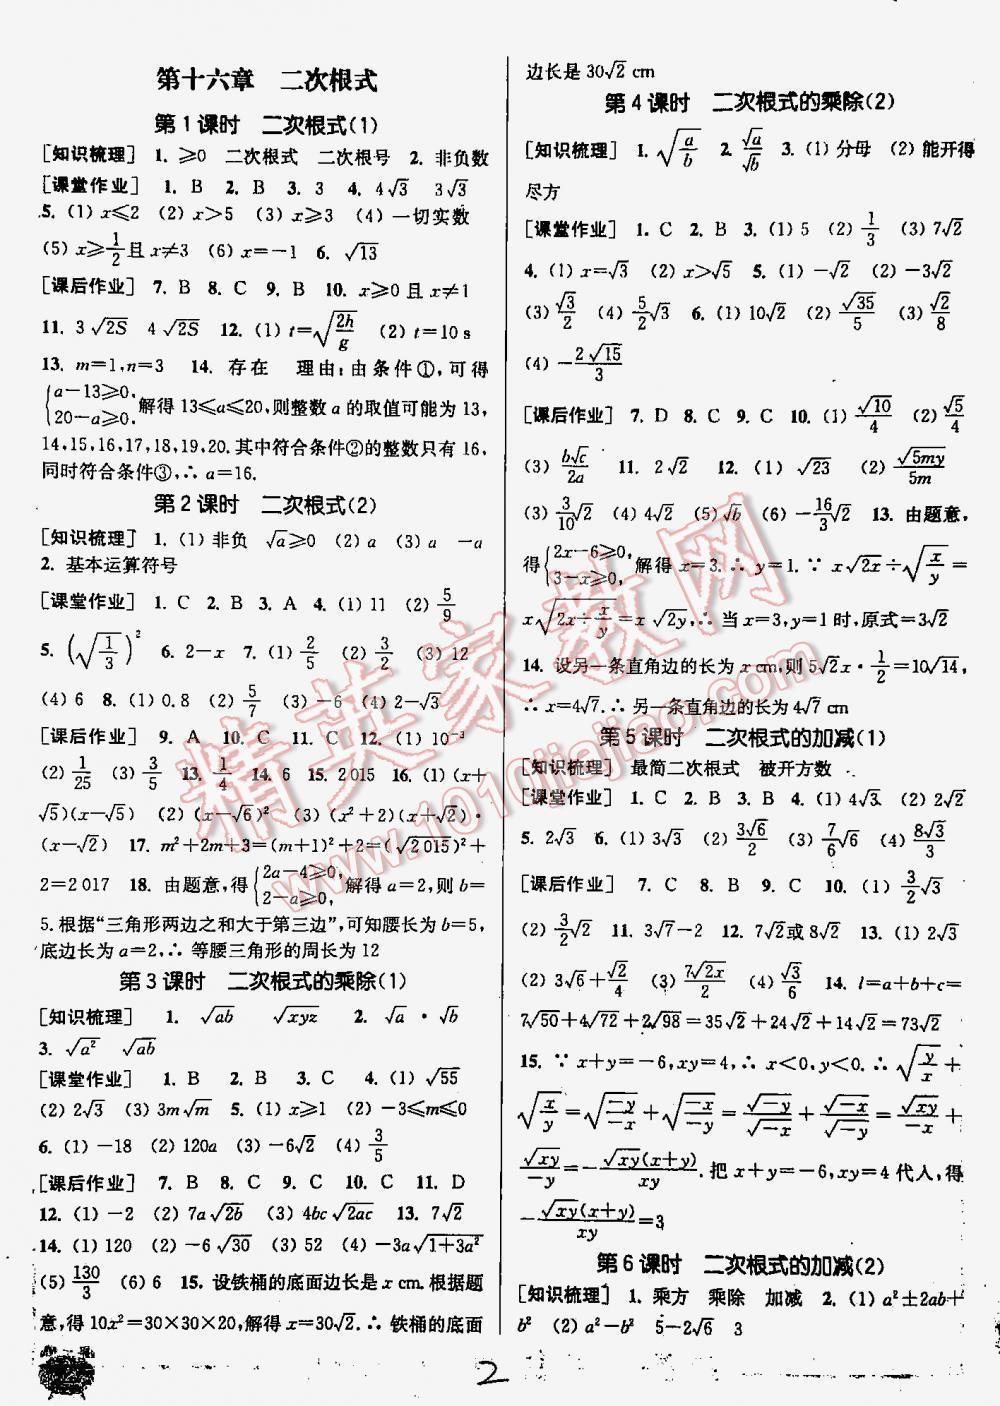 2016年通城学典每课一练课时作业本八年级数学下册人教版第1页